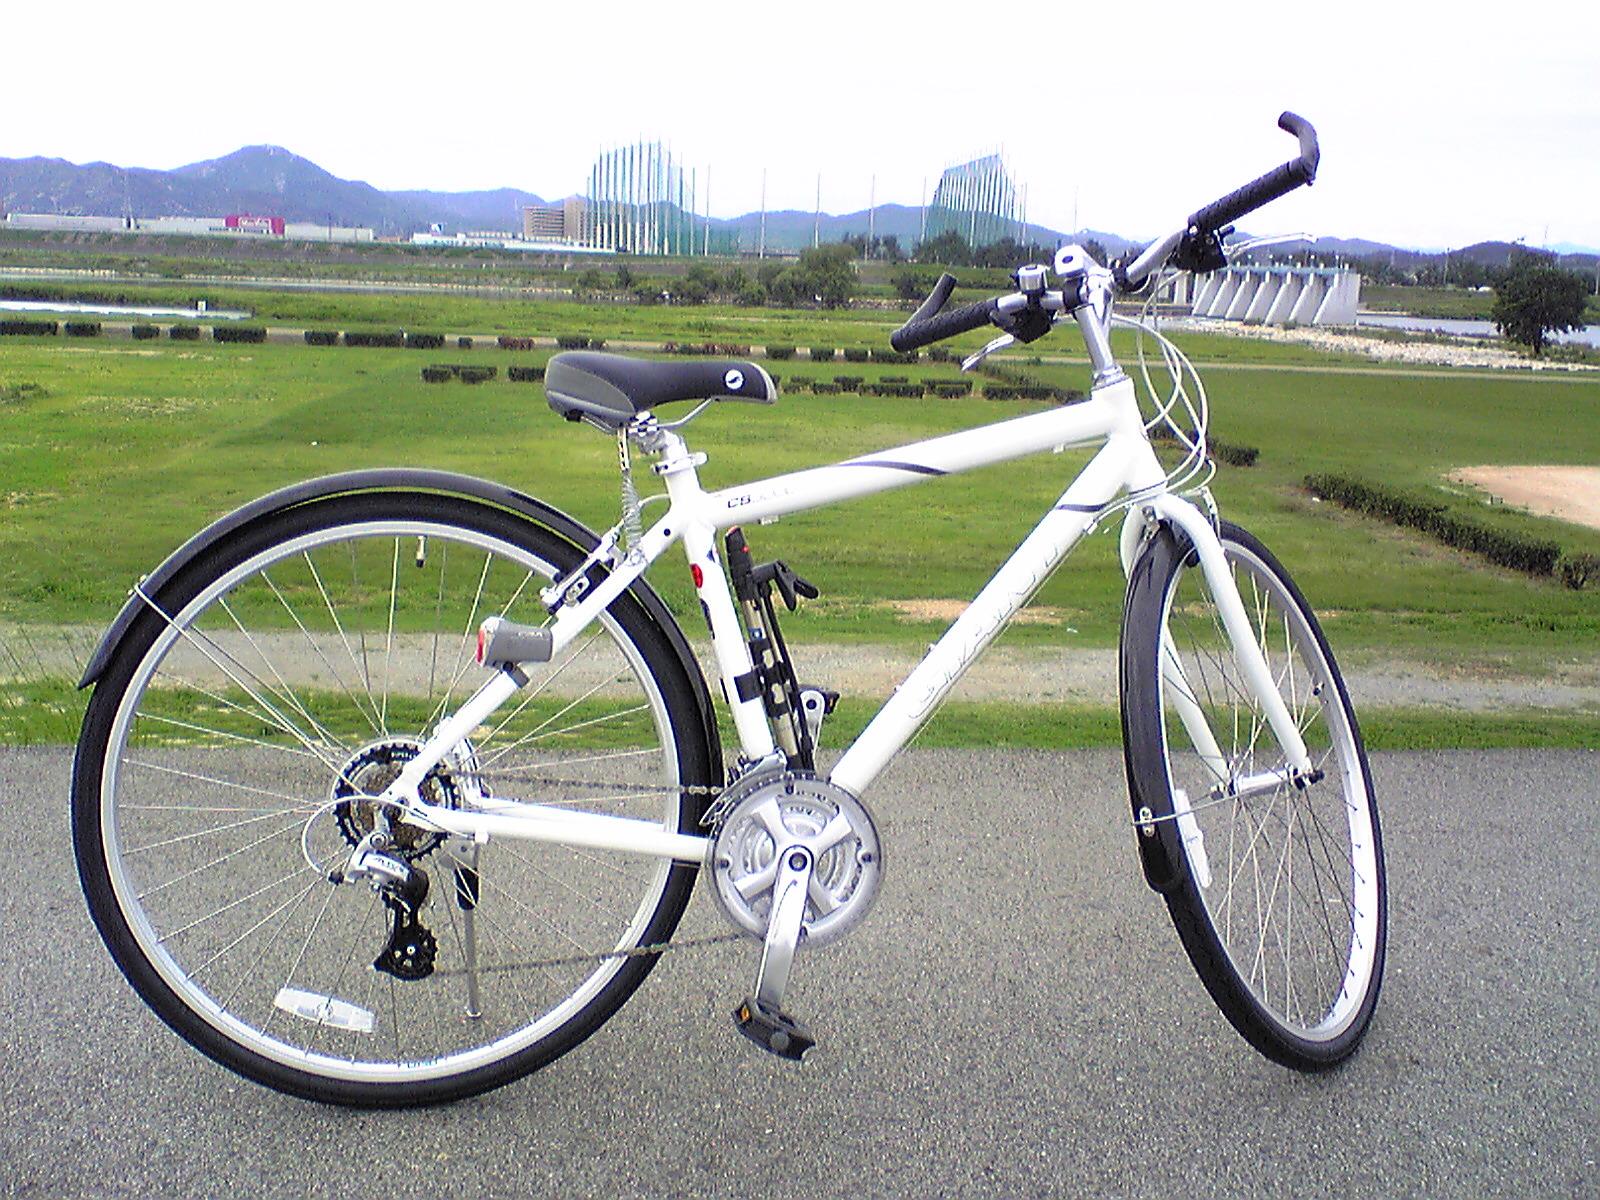 画像 自転車 top 自転車 に 関